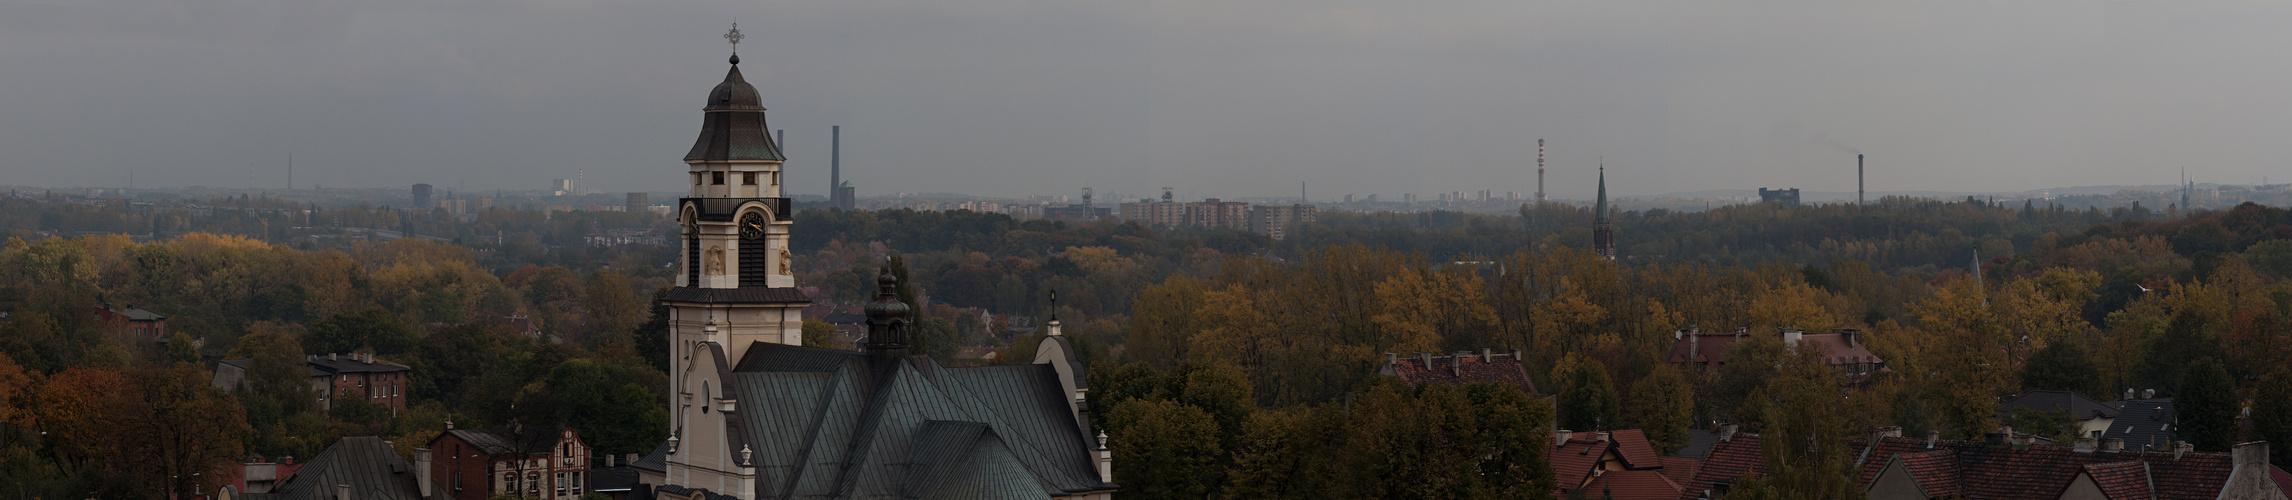 Miechowice- Panorama